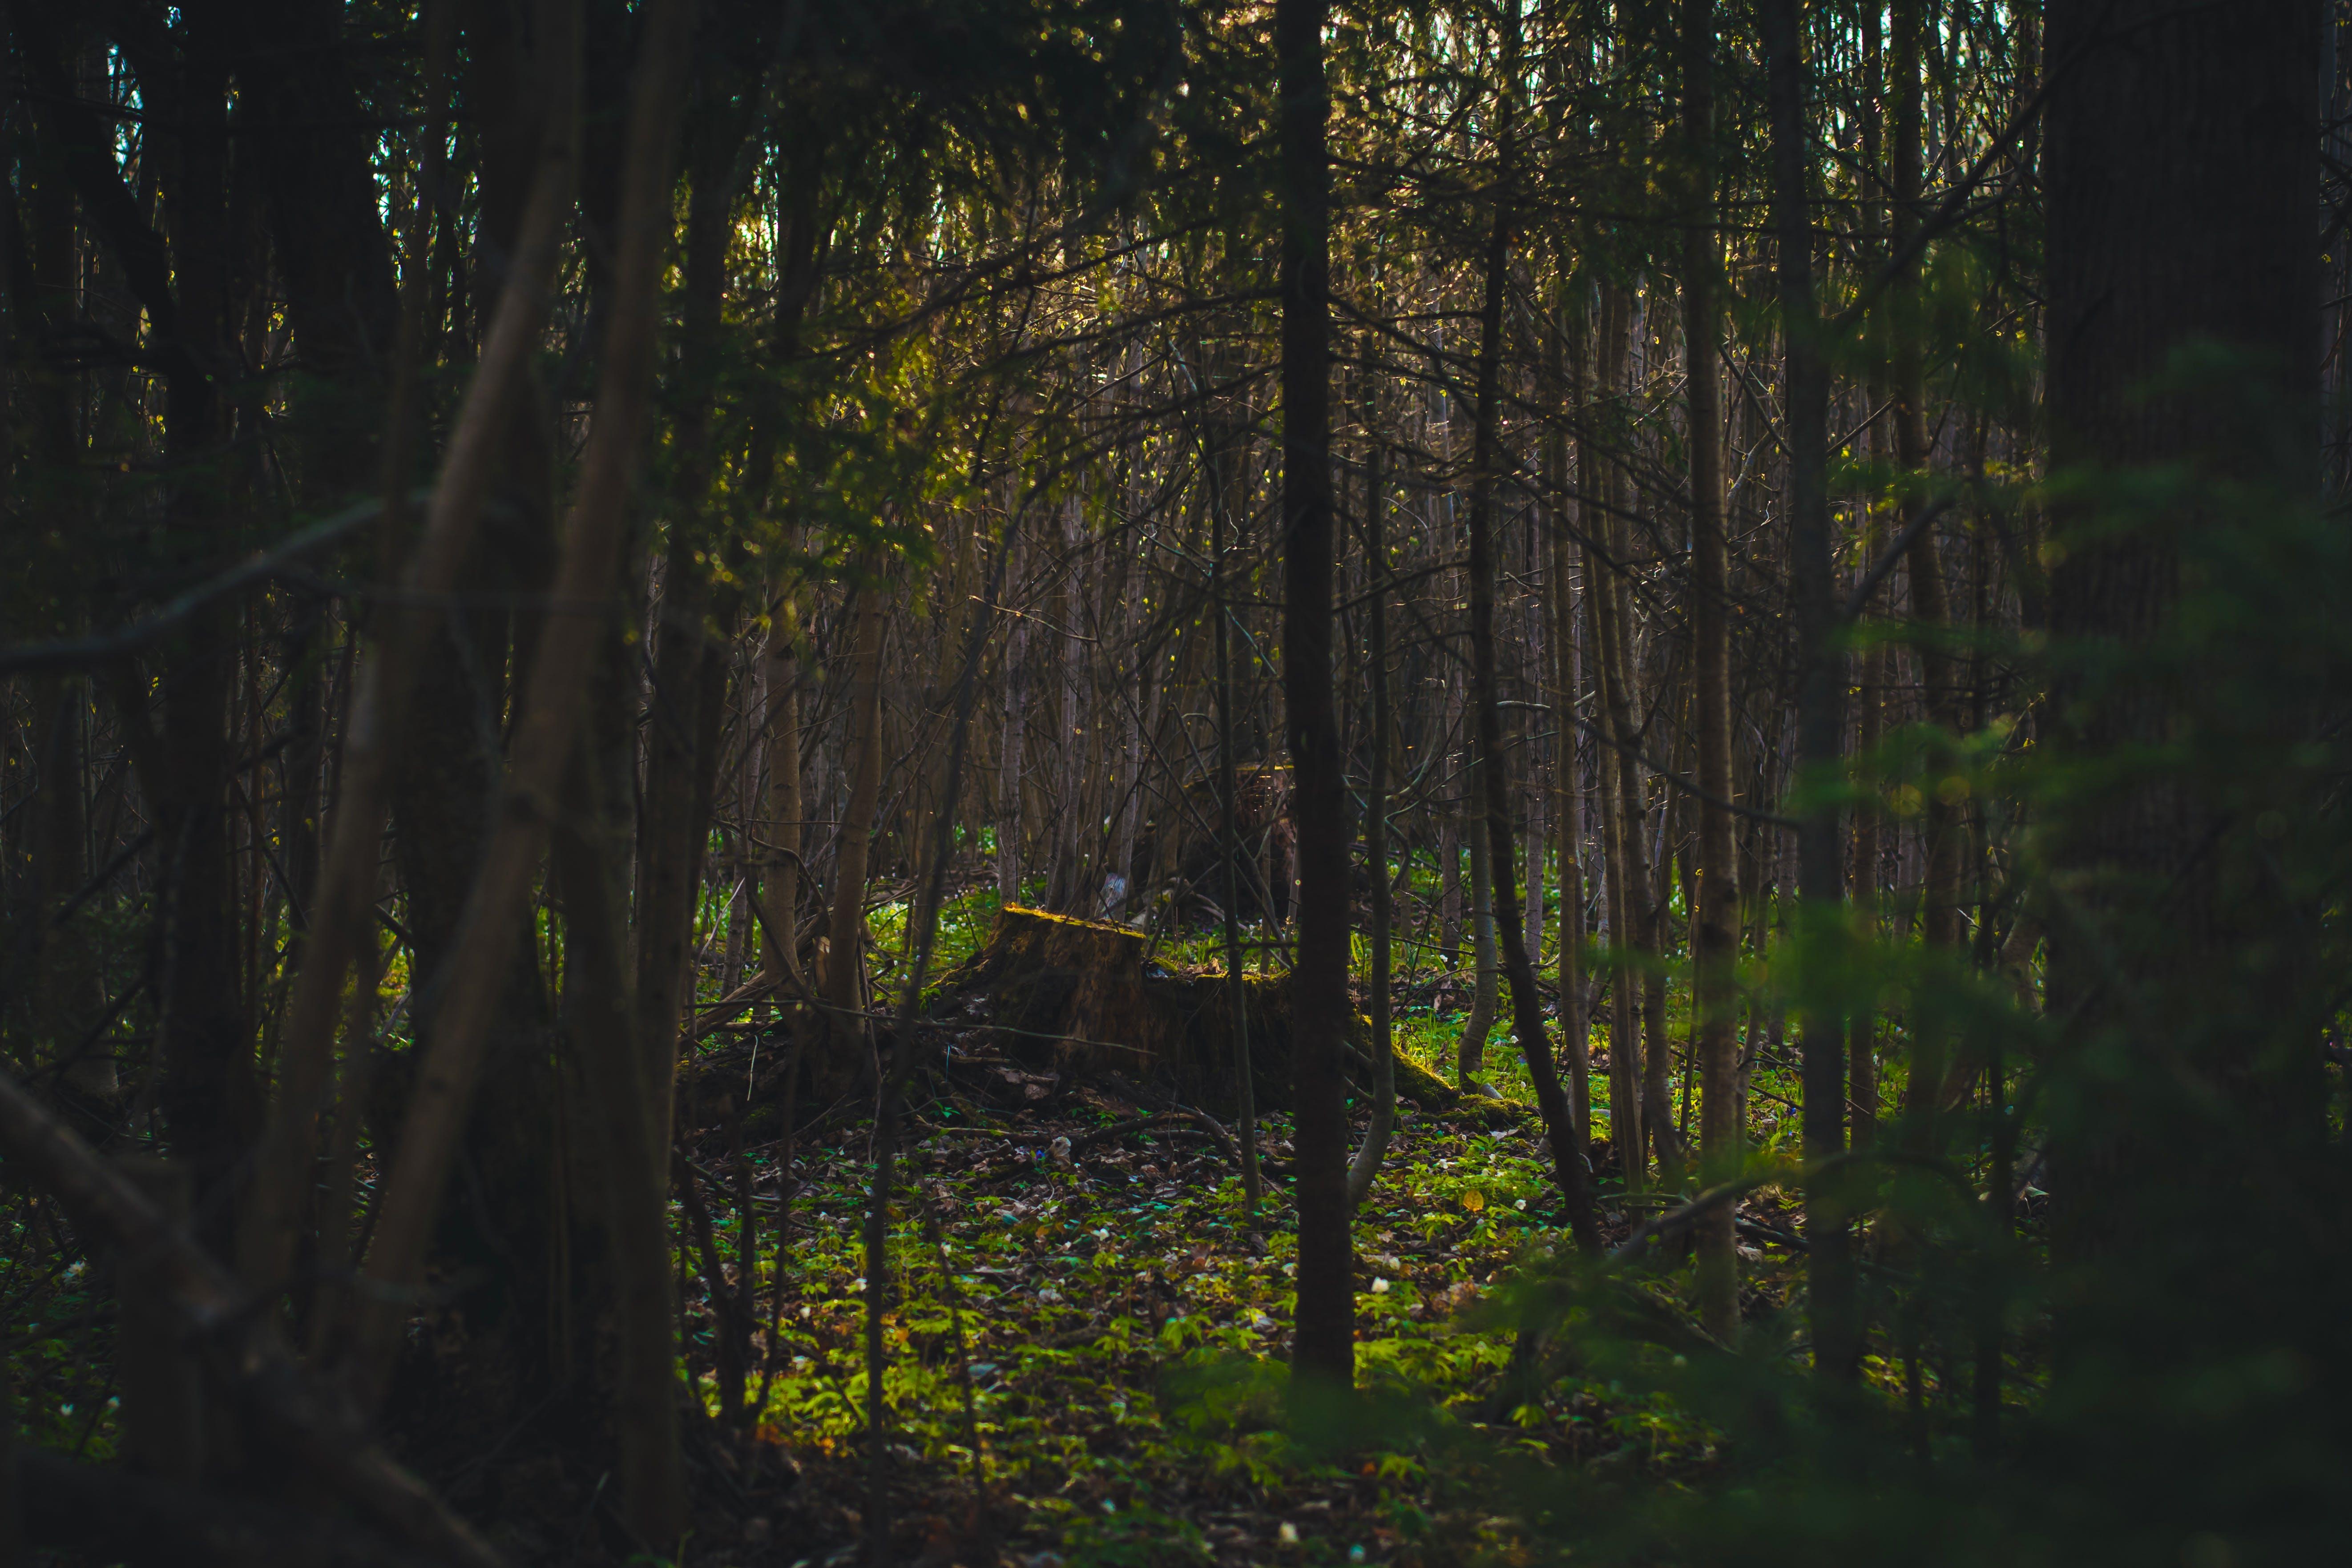 숲, 식물, 환경의 무료 스톡 사진